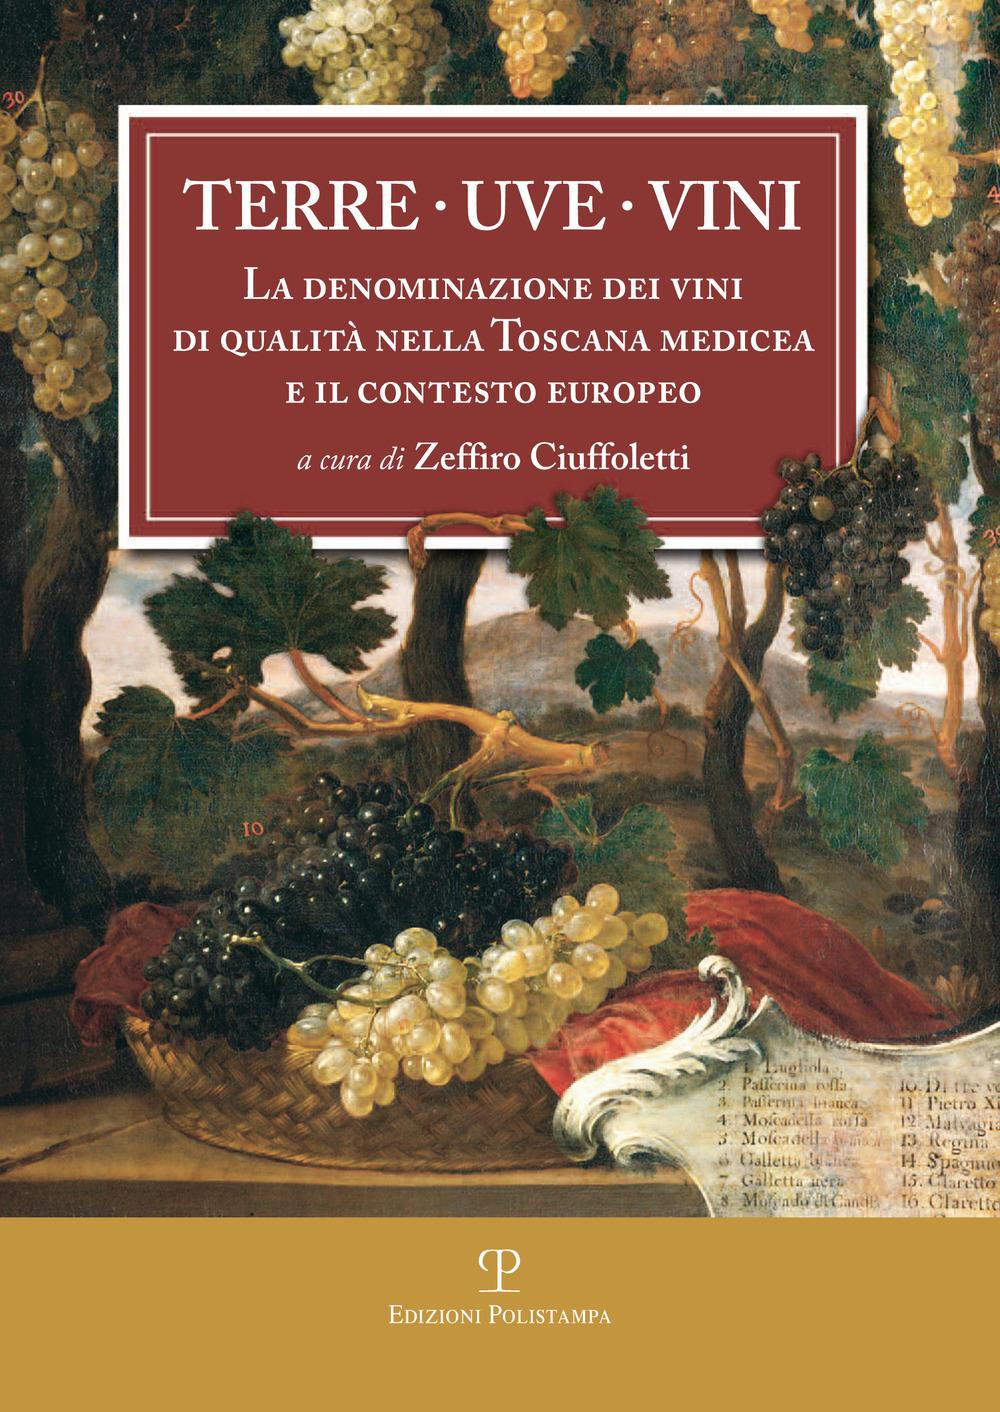 Image of Terre uve vini. La denominazione dei vini di qualità nella Toscana medicea e il contesto europeo